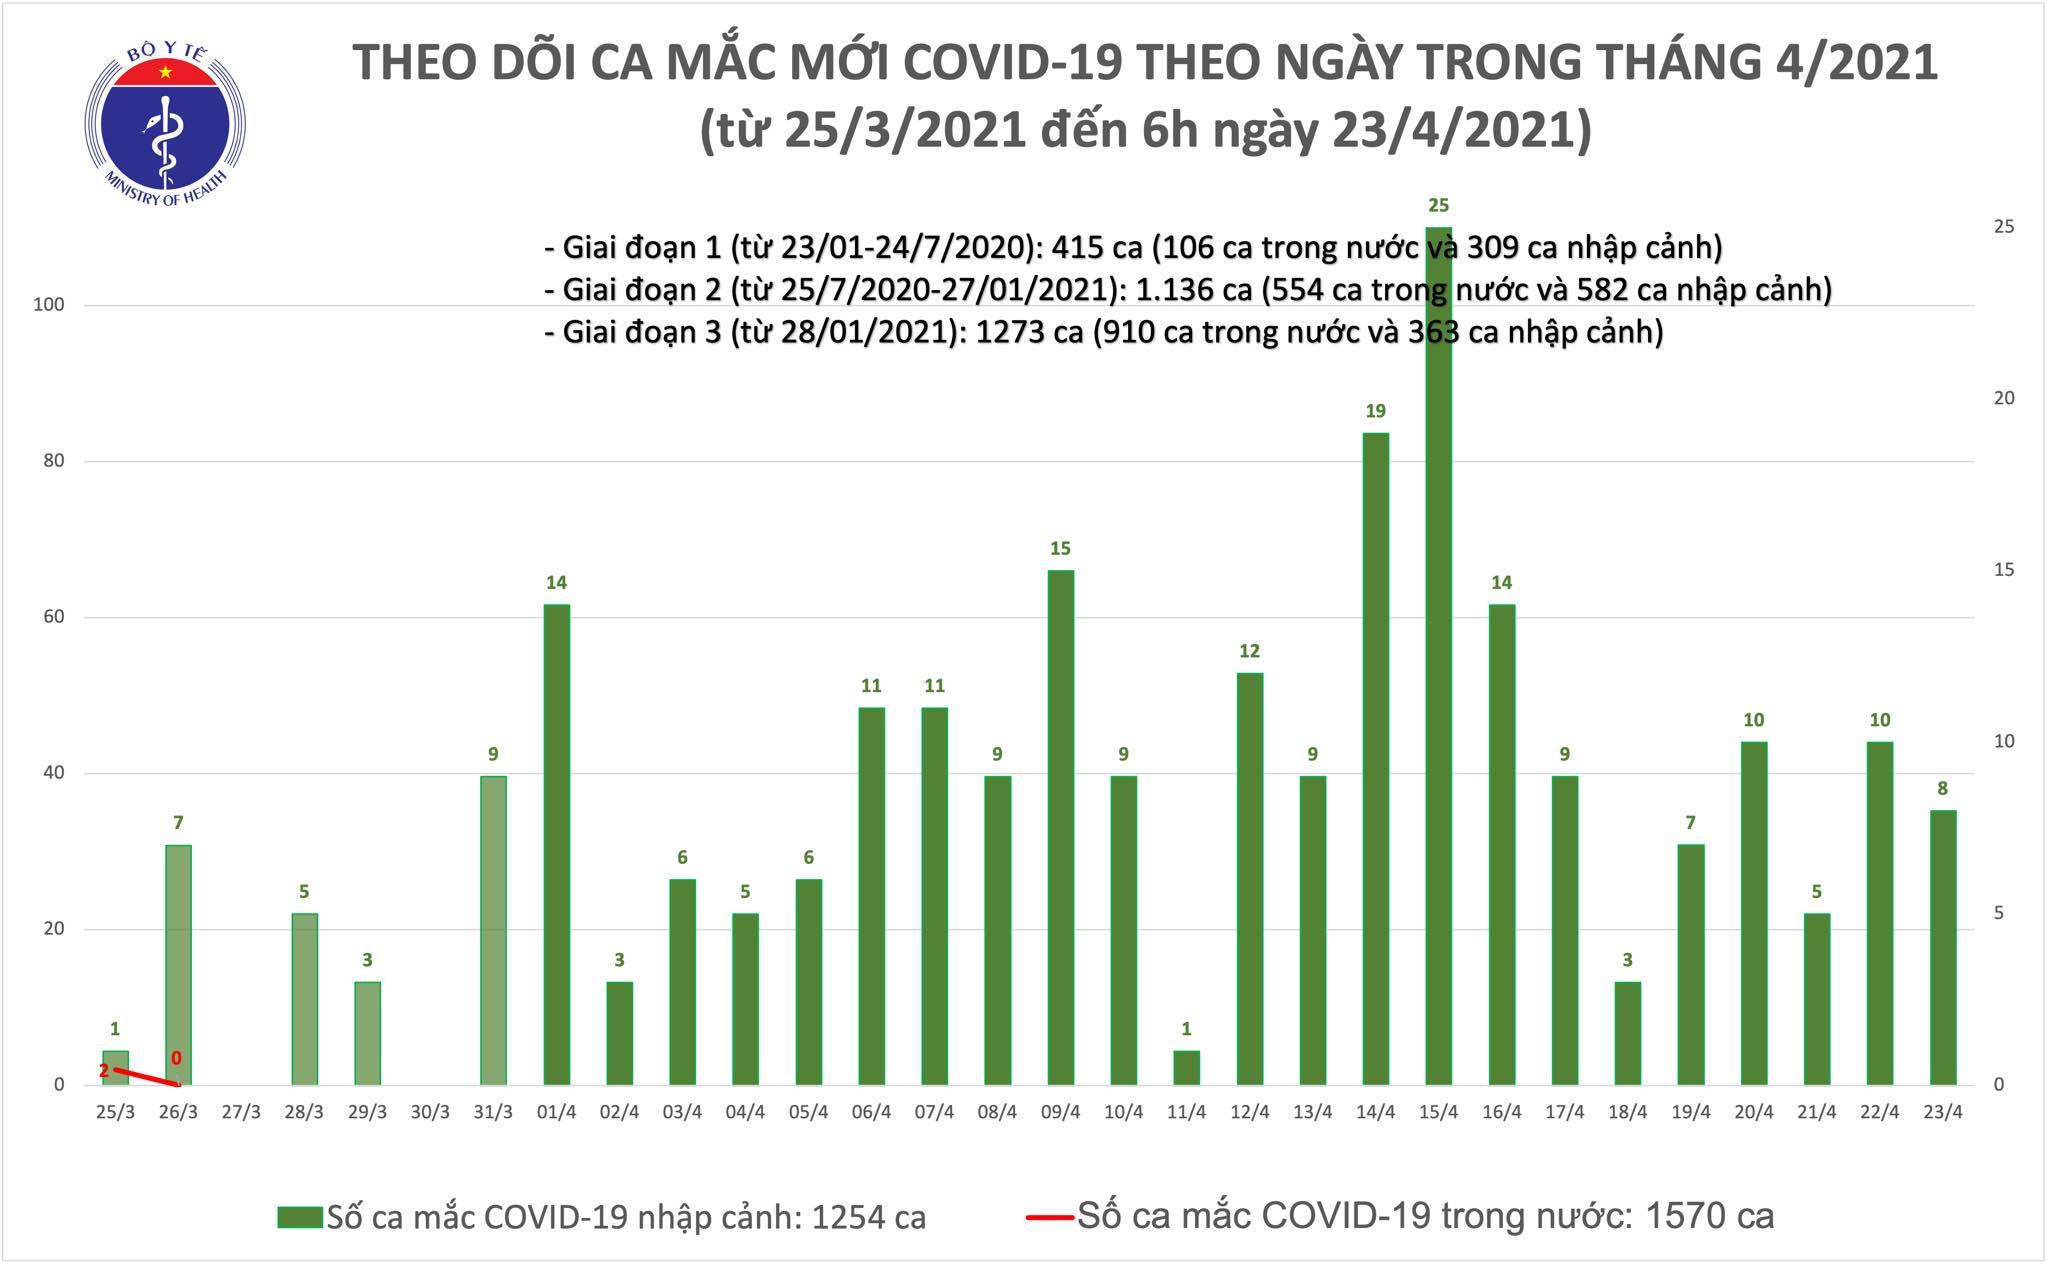 Sáng 23/4: Việt Nam thêm 8 ca mắc COVID-19, thế giới có hơn 145,2 triệu bệnh nhân - Ảnh 1.